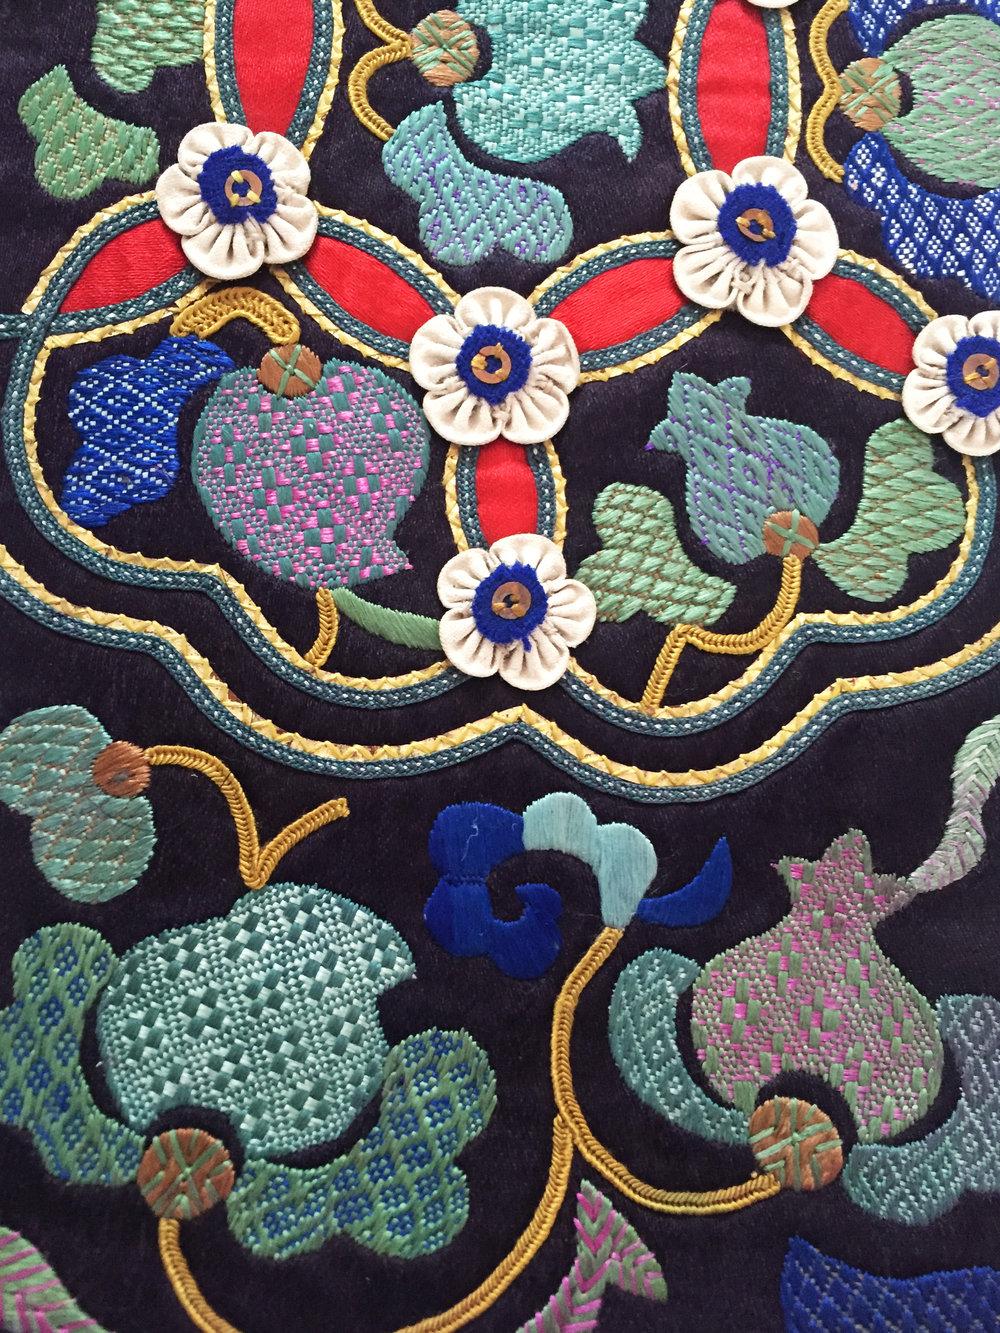 Miao weaving-embroidery (戳纱绣) from Leishan, Guizhou, China. Yang Wen Bin Collection.